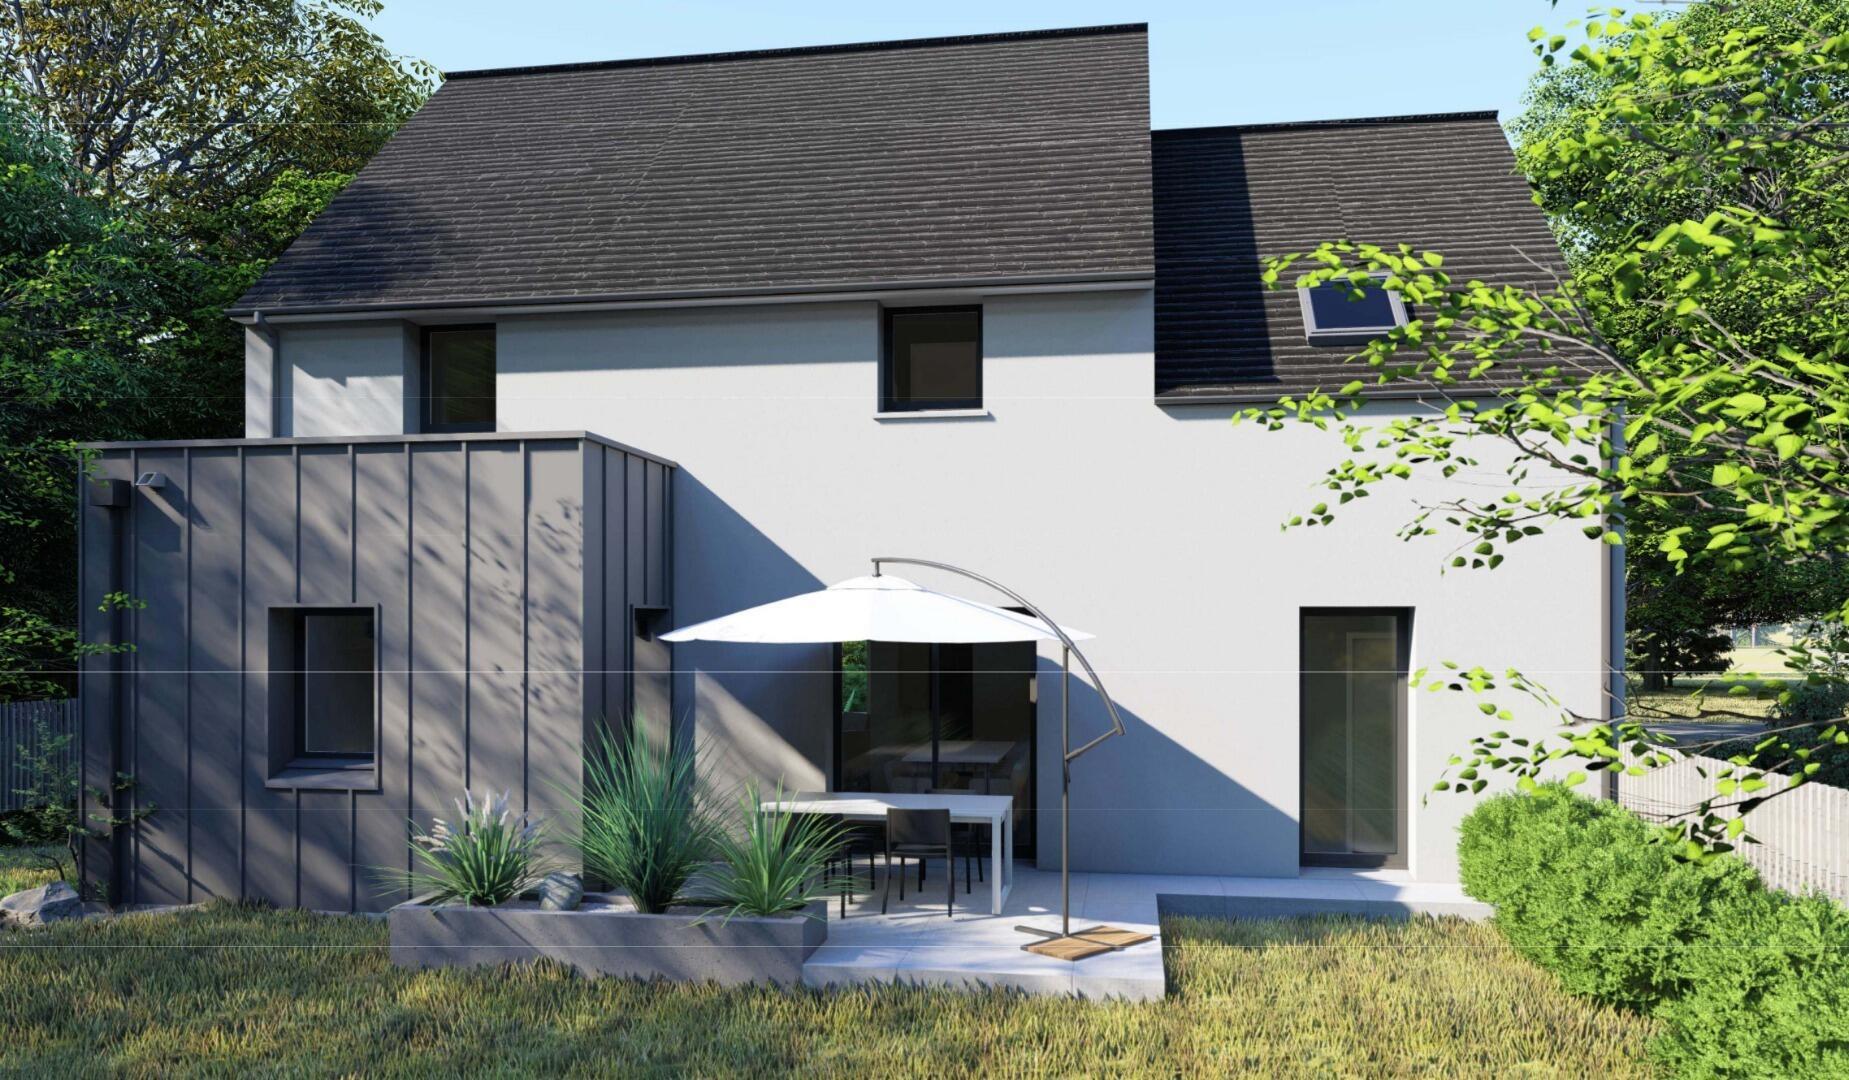 Constructeur De Maison Chartres vente maison 7 pièces chartres-de-bretagne (35131) : à vendre 7 pièces / t7  120 m² 395 000€ chartres-de-bretagne